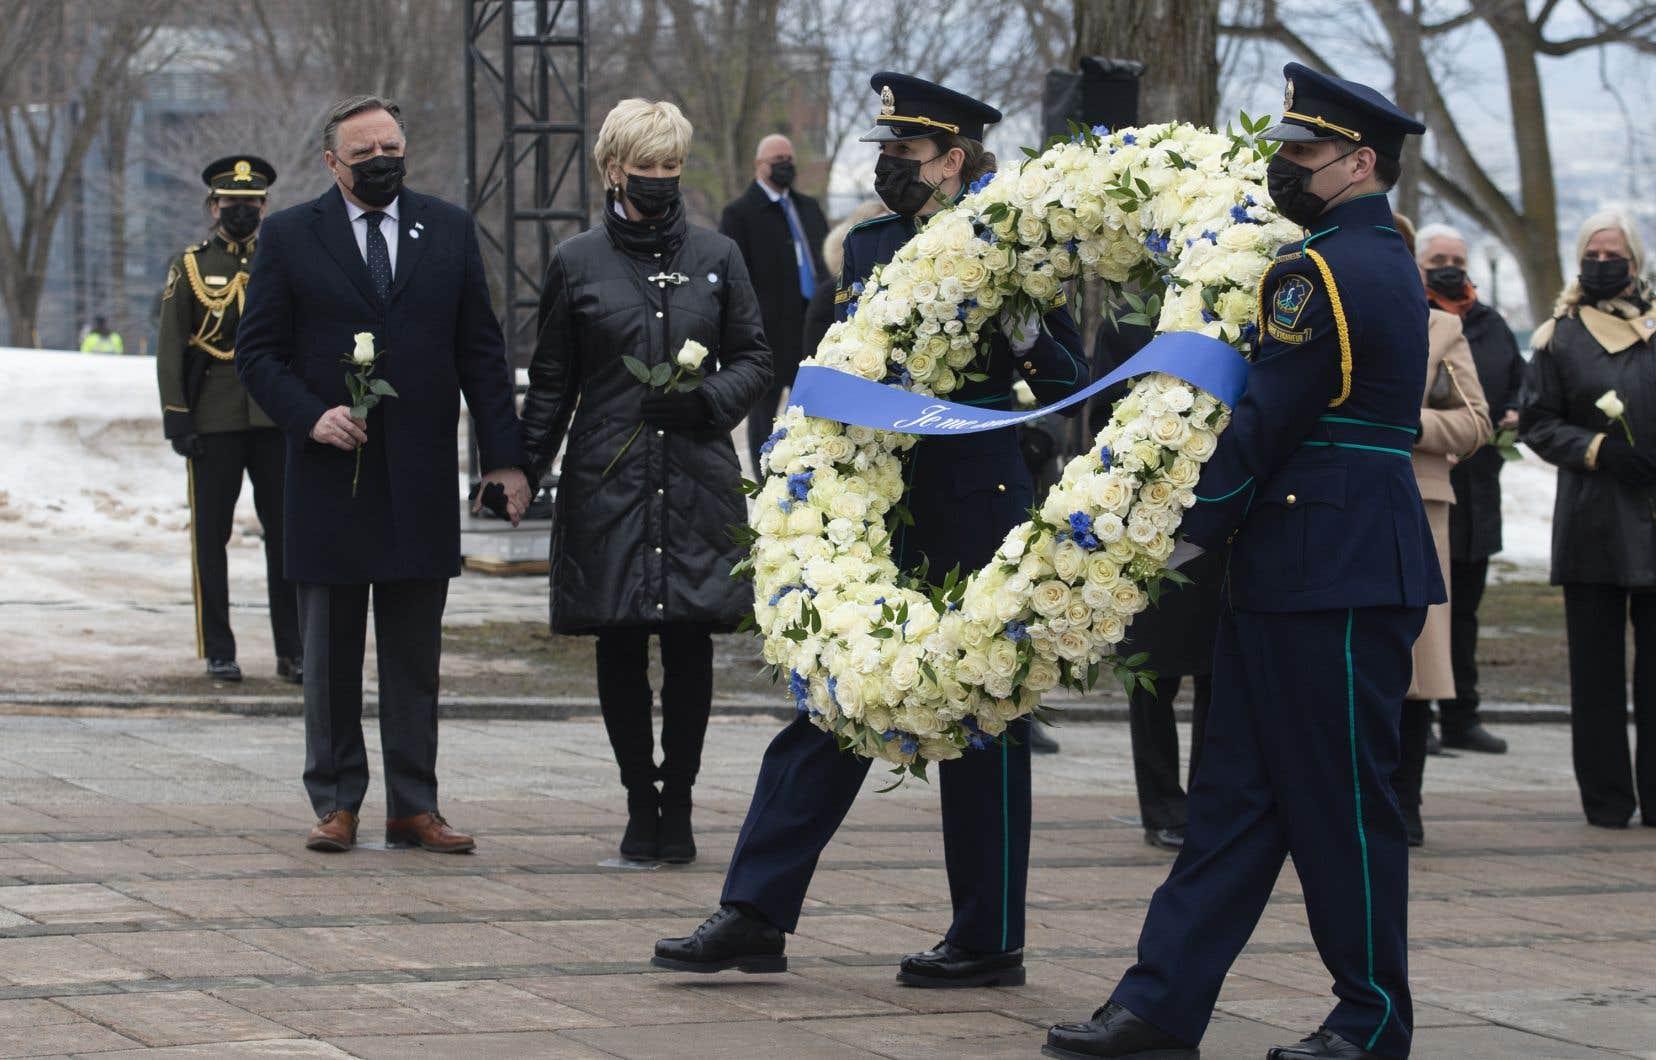 Jeudi, à 13 h, la nation québécoise a observé une minute de silence afin d'honorer la mémoire des vicitmes de la COVID-19.